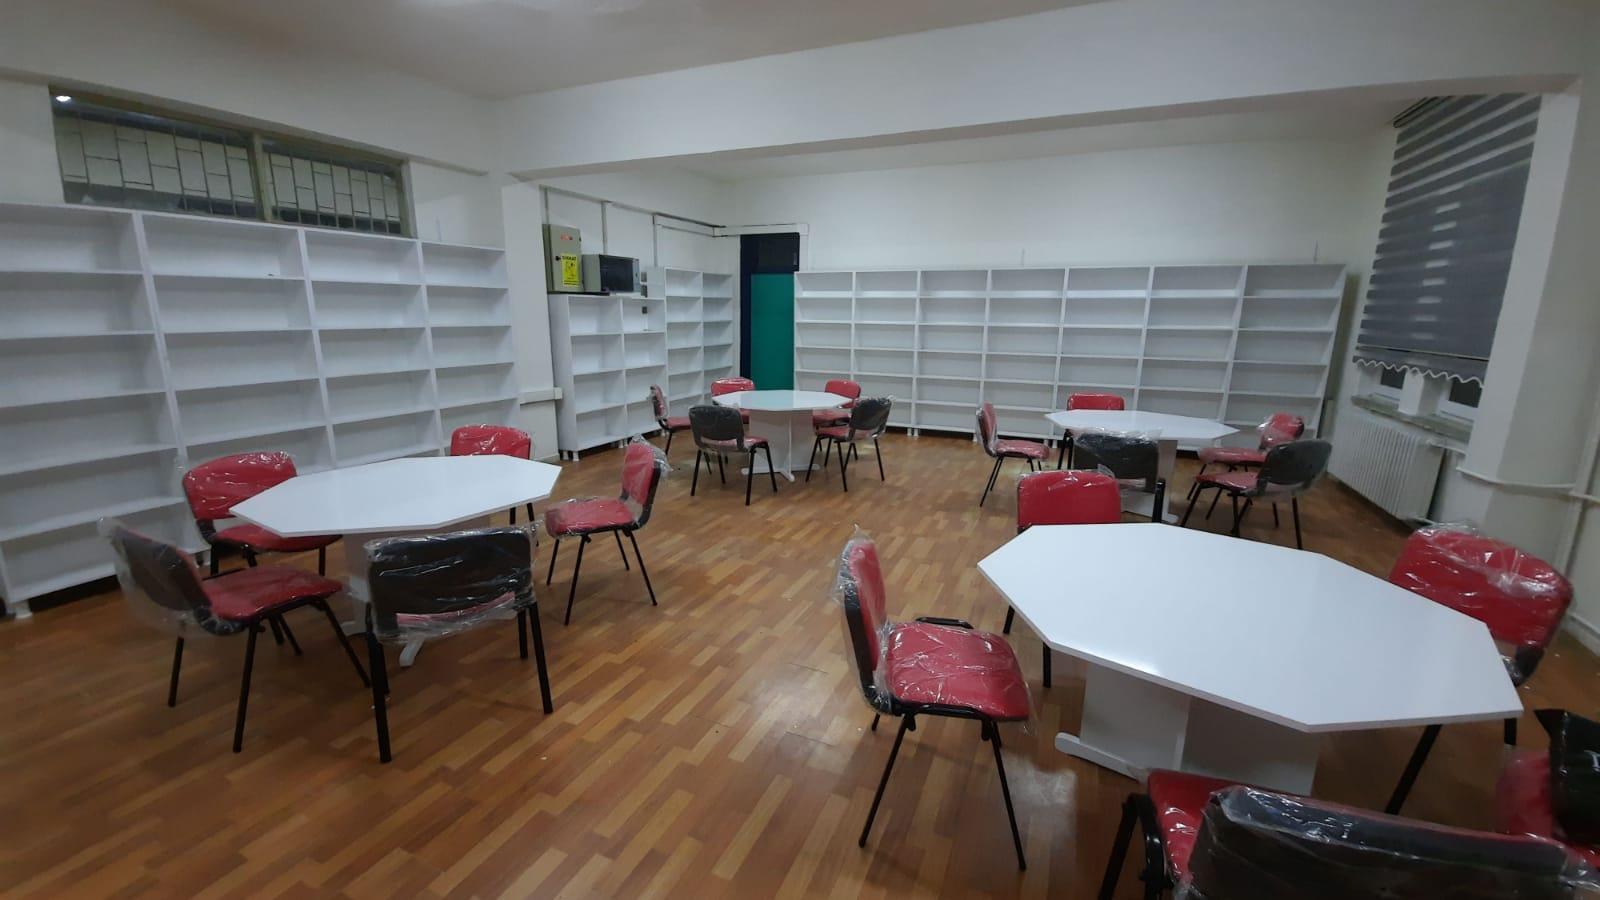 Şehit Uzman Onbaşı Ali GENÇ Kütüphanesi